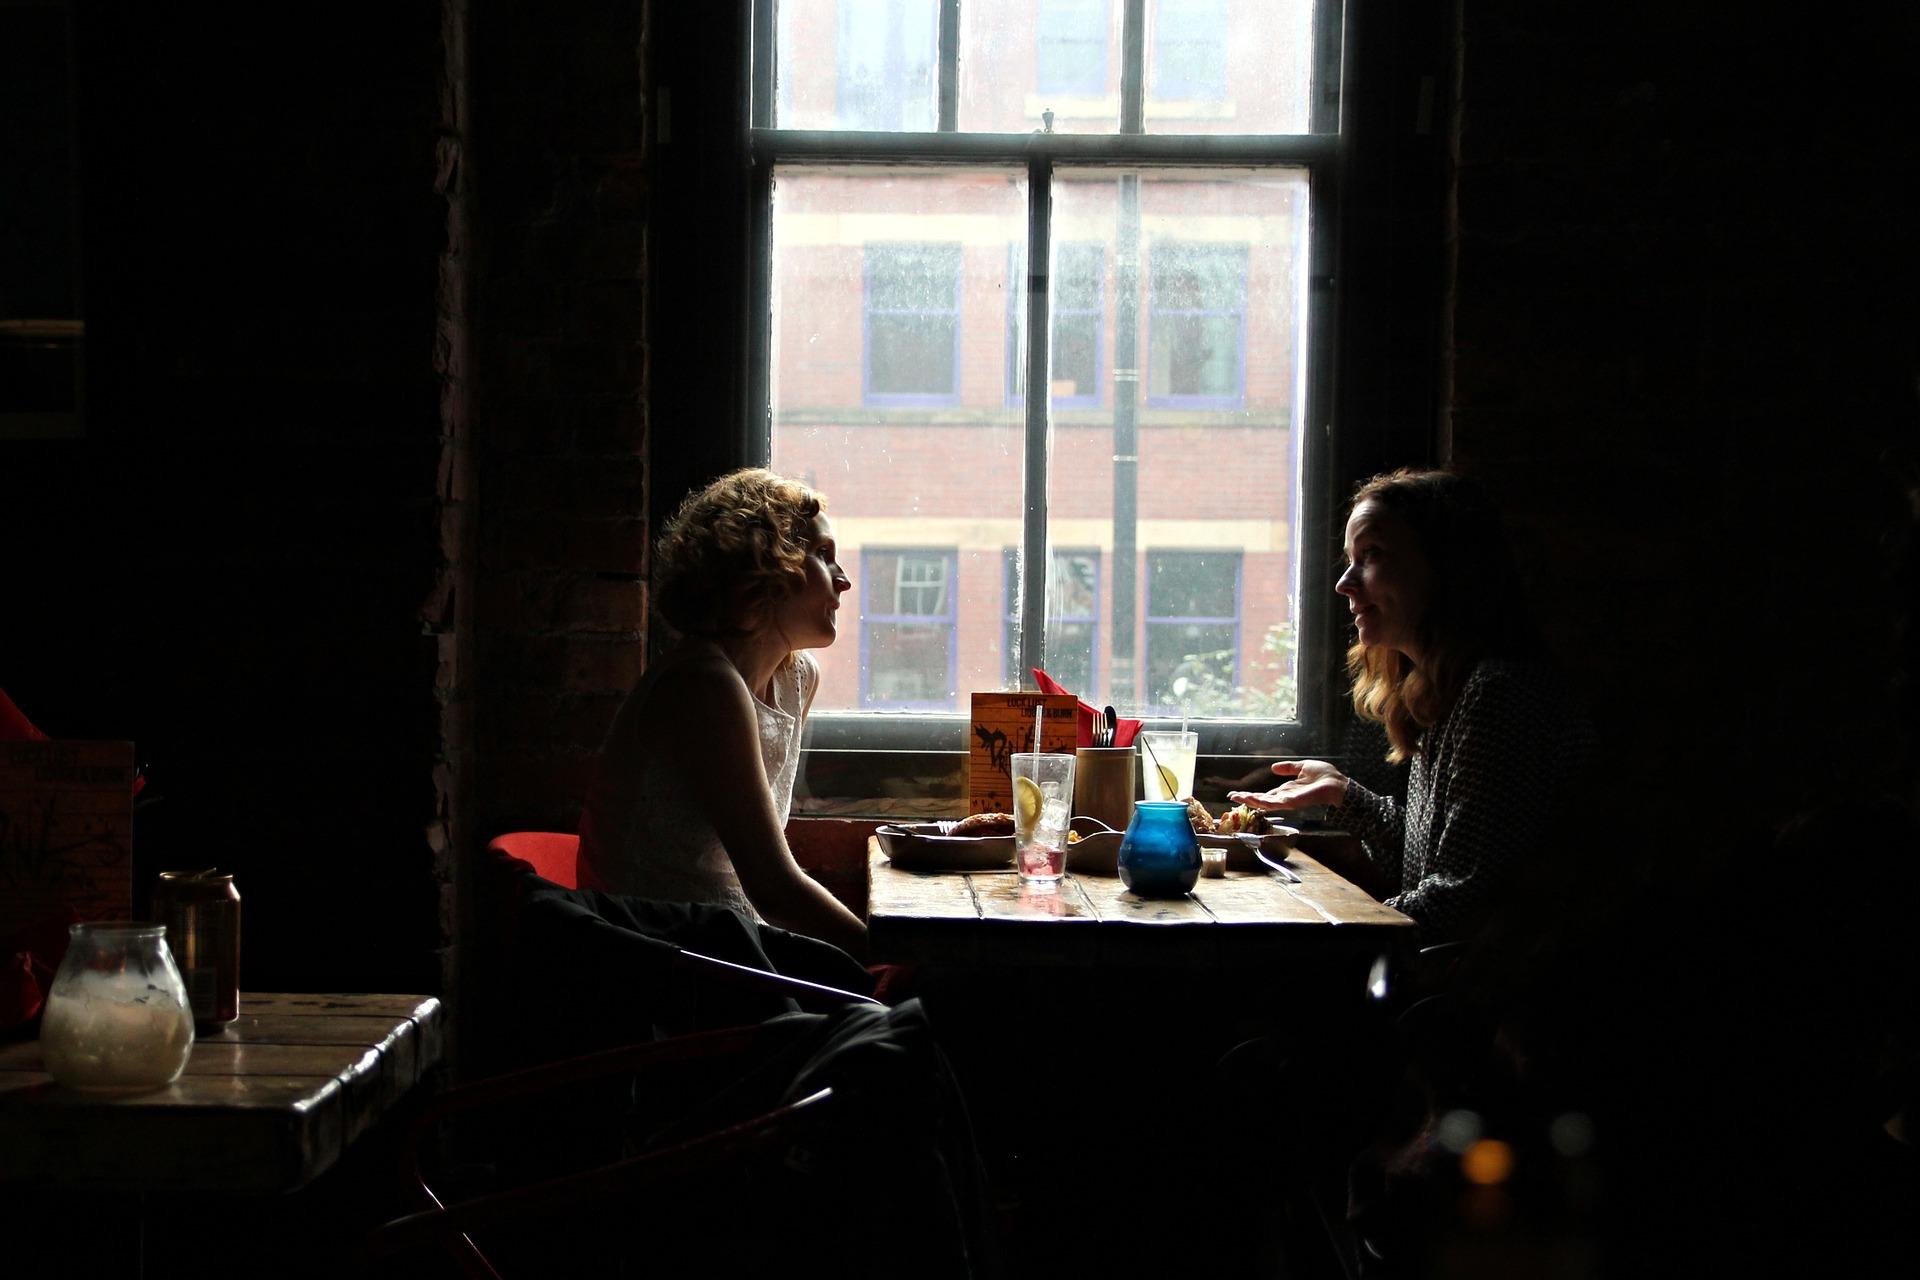 deux filles en interview